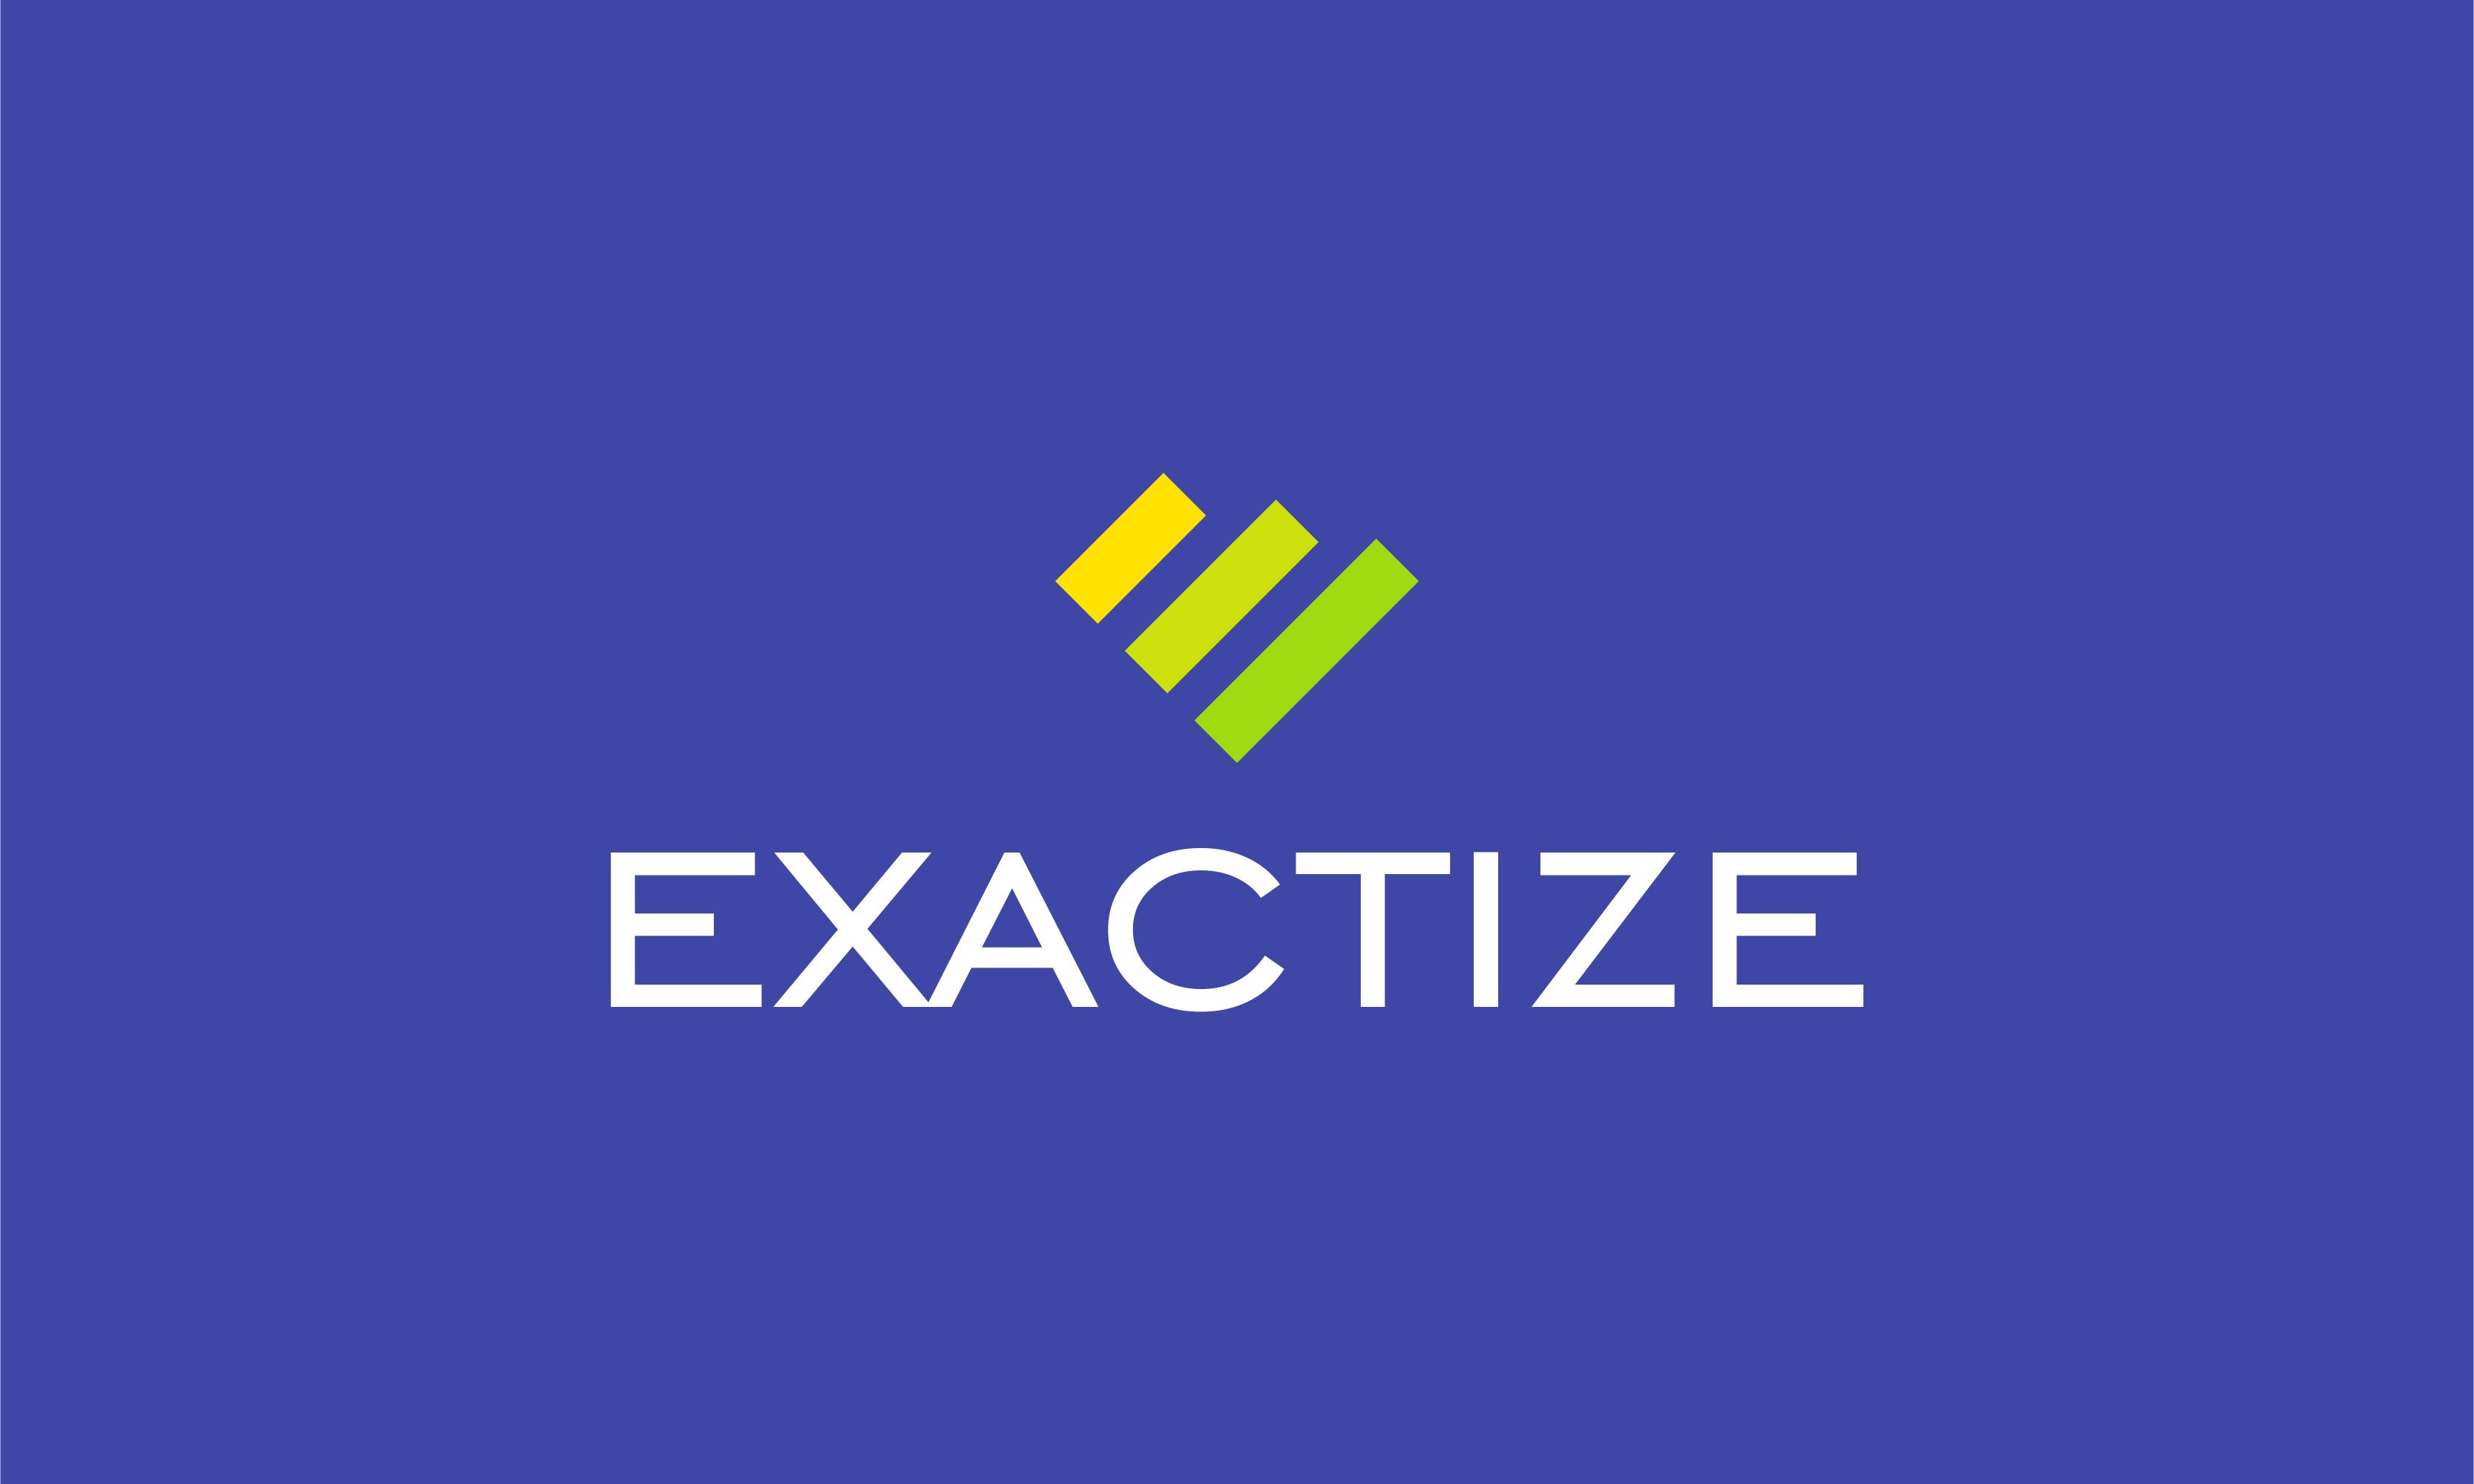 Exactize